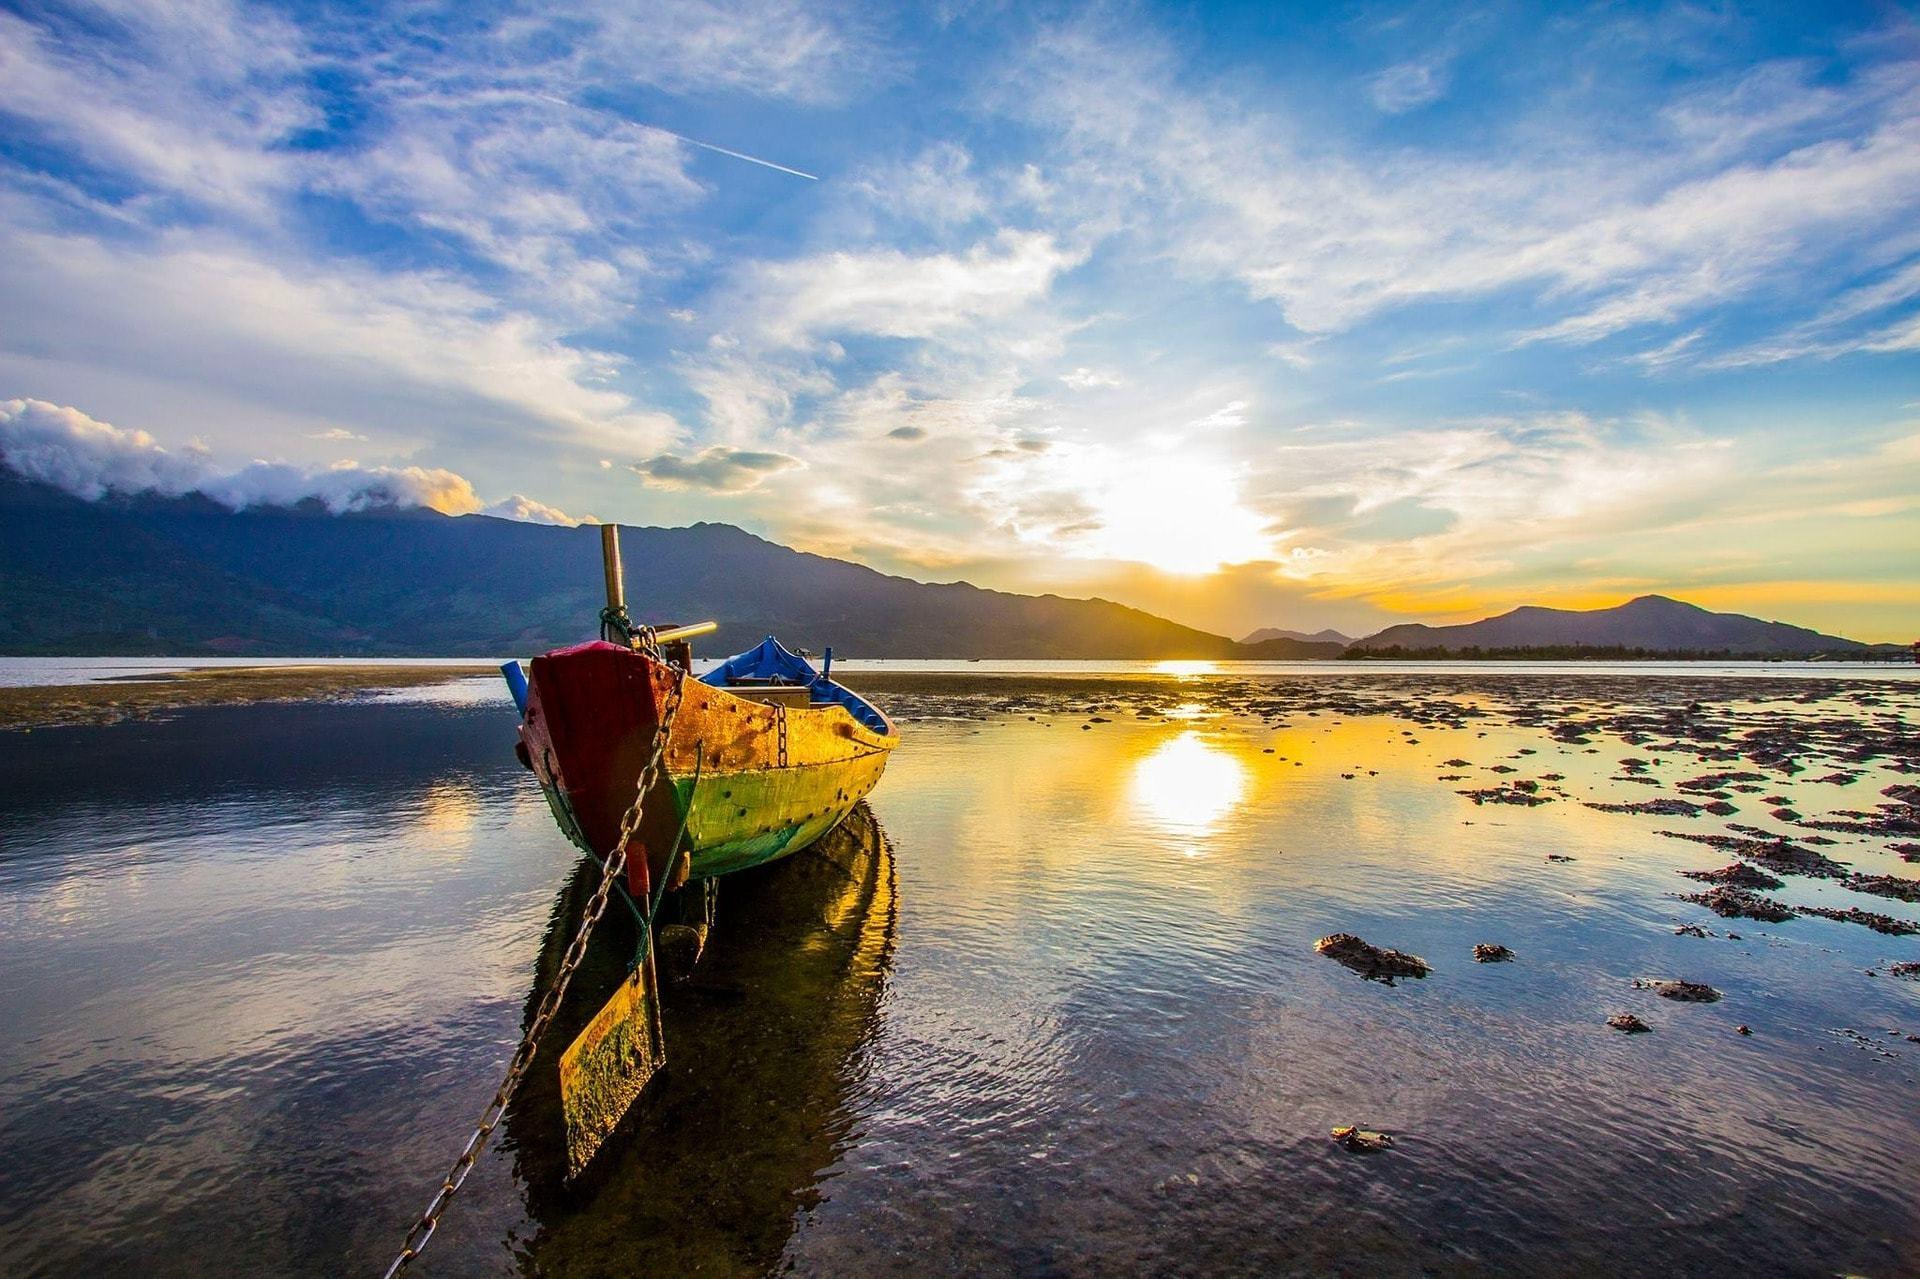 sunset-2136629_1920-min